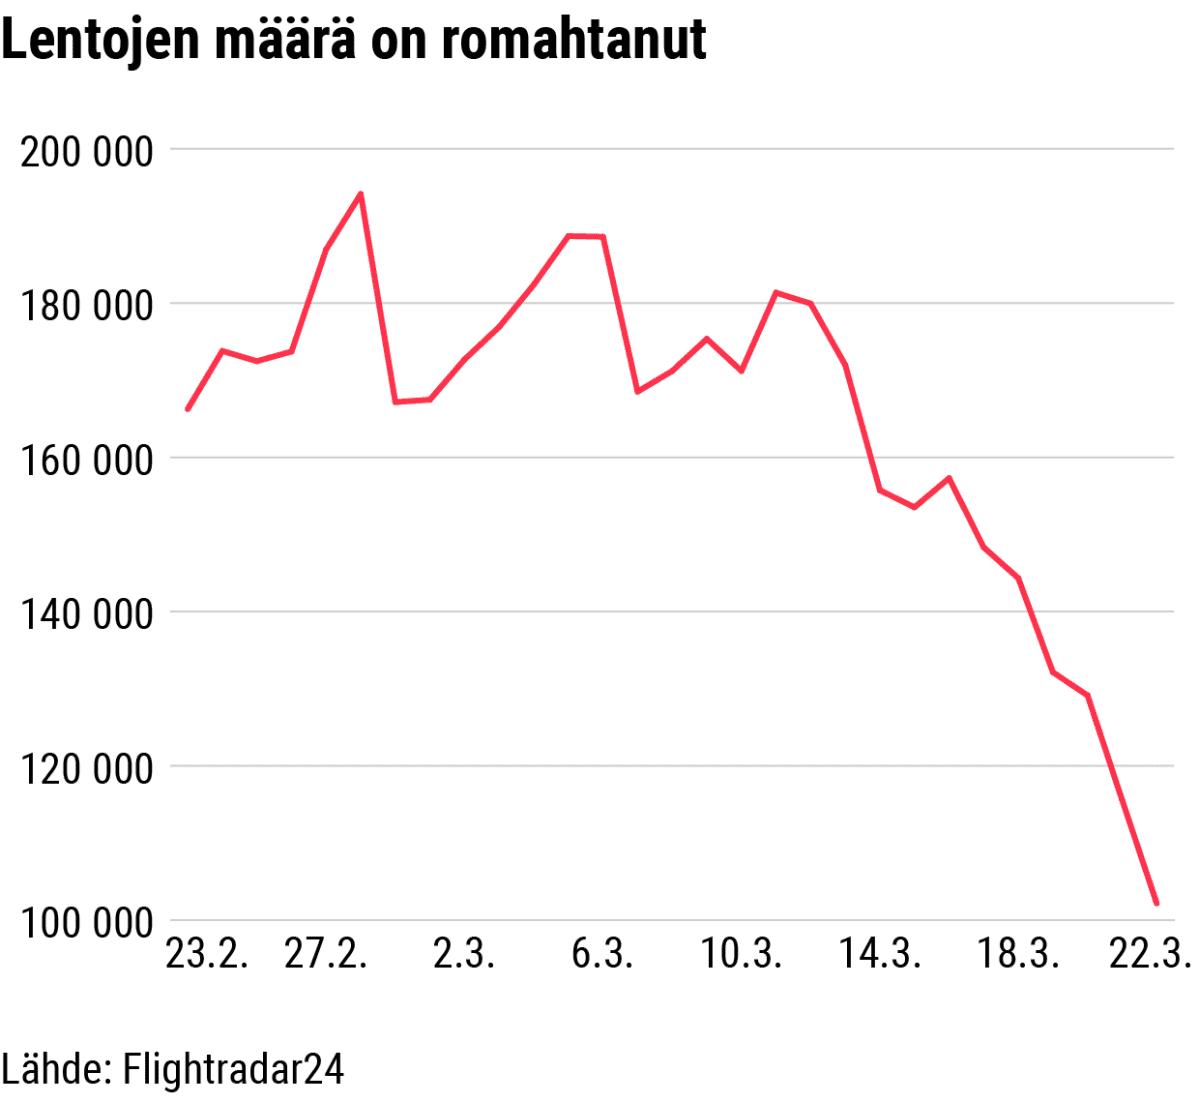 Tilastografiikka lentojen määrän romahtamisesta helmi-maaliskuussa 2020.